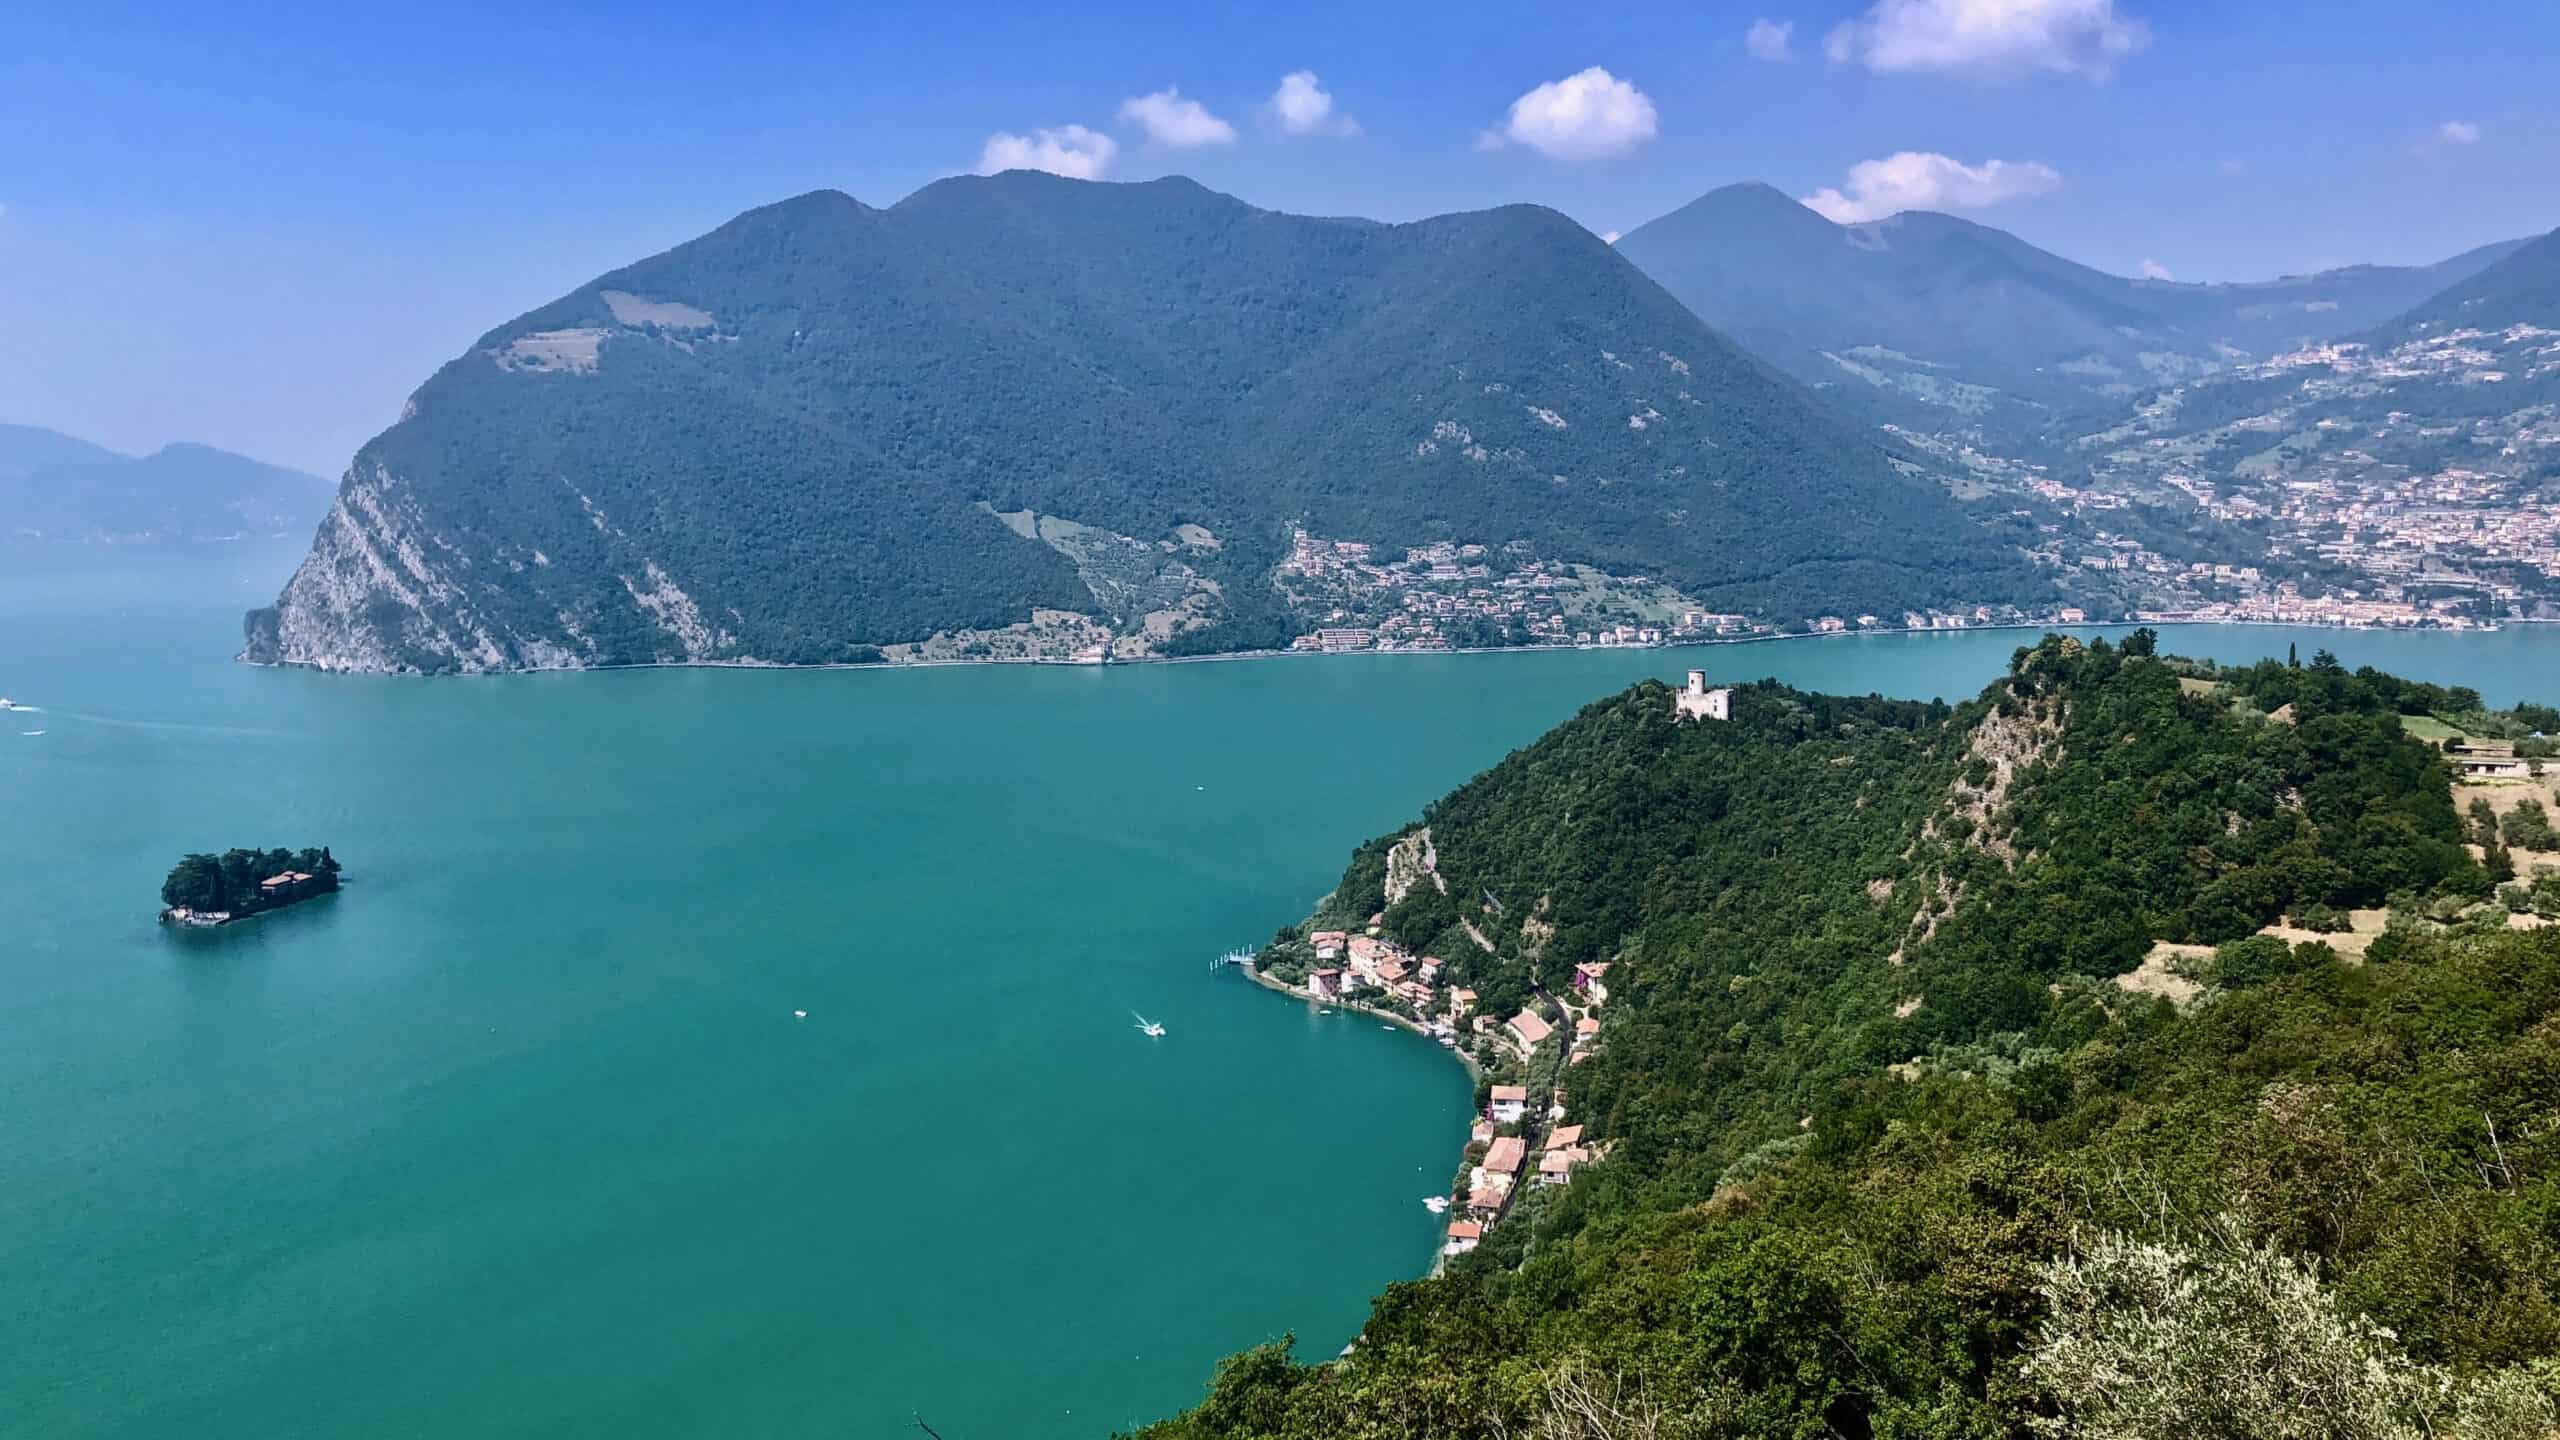 Monte Isola - Lago d'Iseo